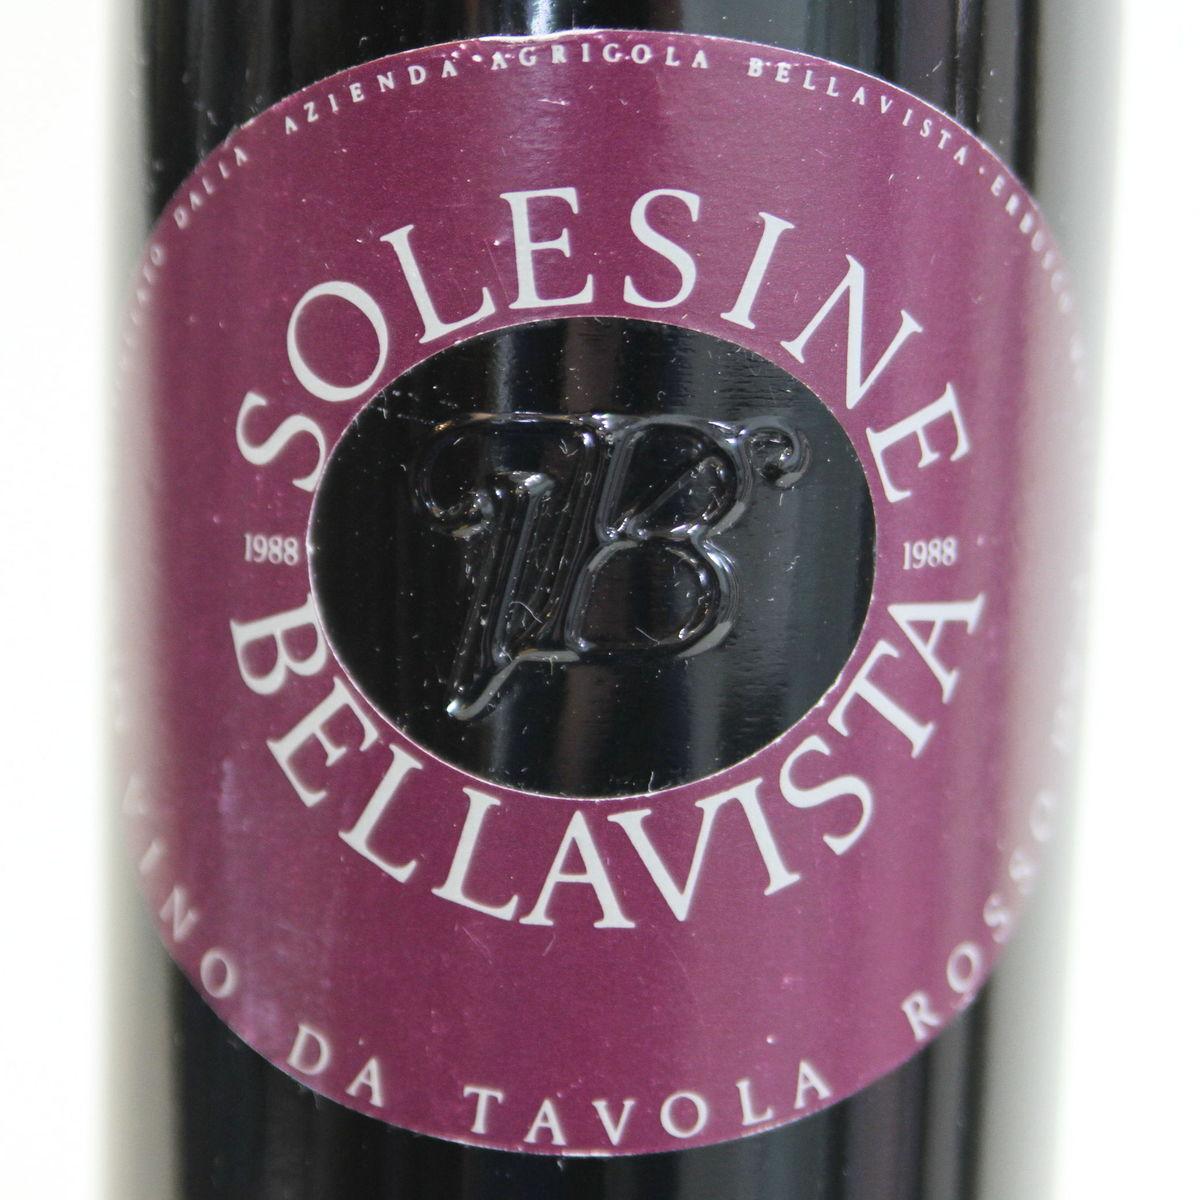 【1988年】Solesine Bellavista ソレジネ ベラヴィスタ イタリア ロンバルディア州 750ml